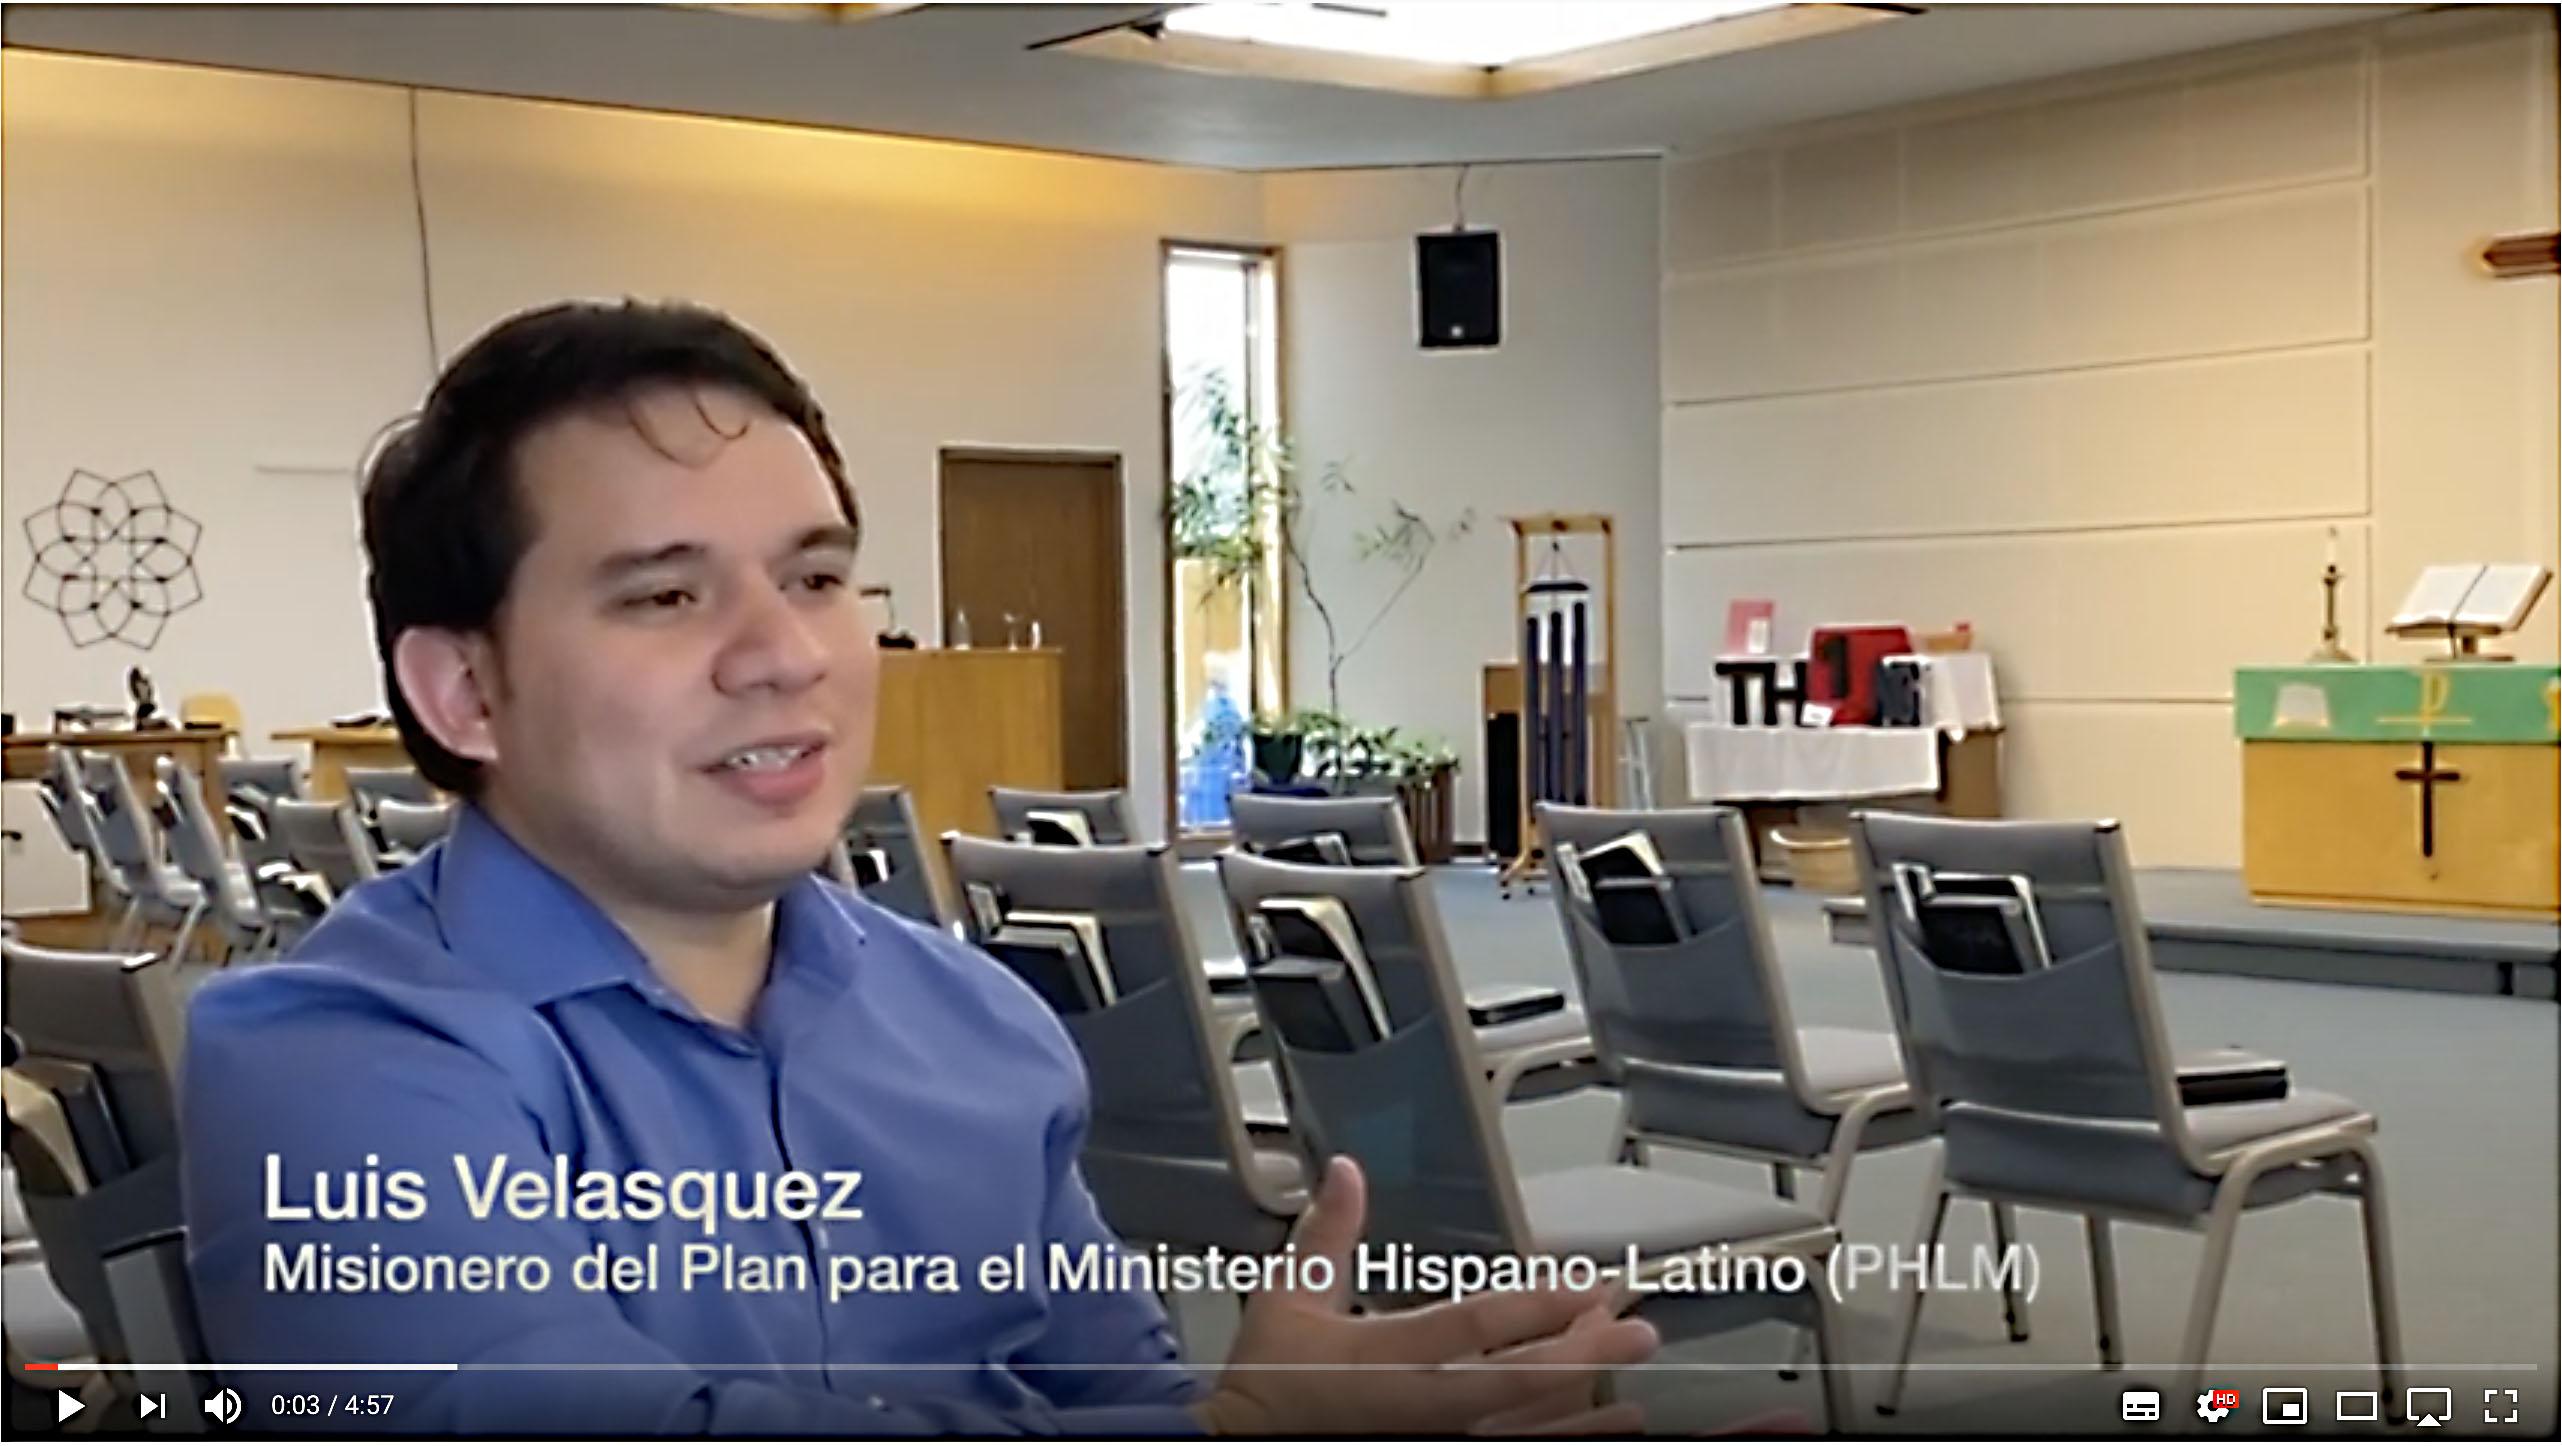 Captura de pantalla de la entrevista al misionero Luis Velasquez, producido por el equipo de comunicadores del Plan para el Ministerio Hispano-Latino (PHLM) de La Iglesia Metodista unida.